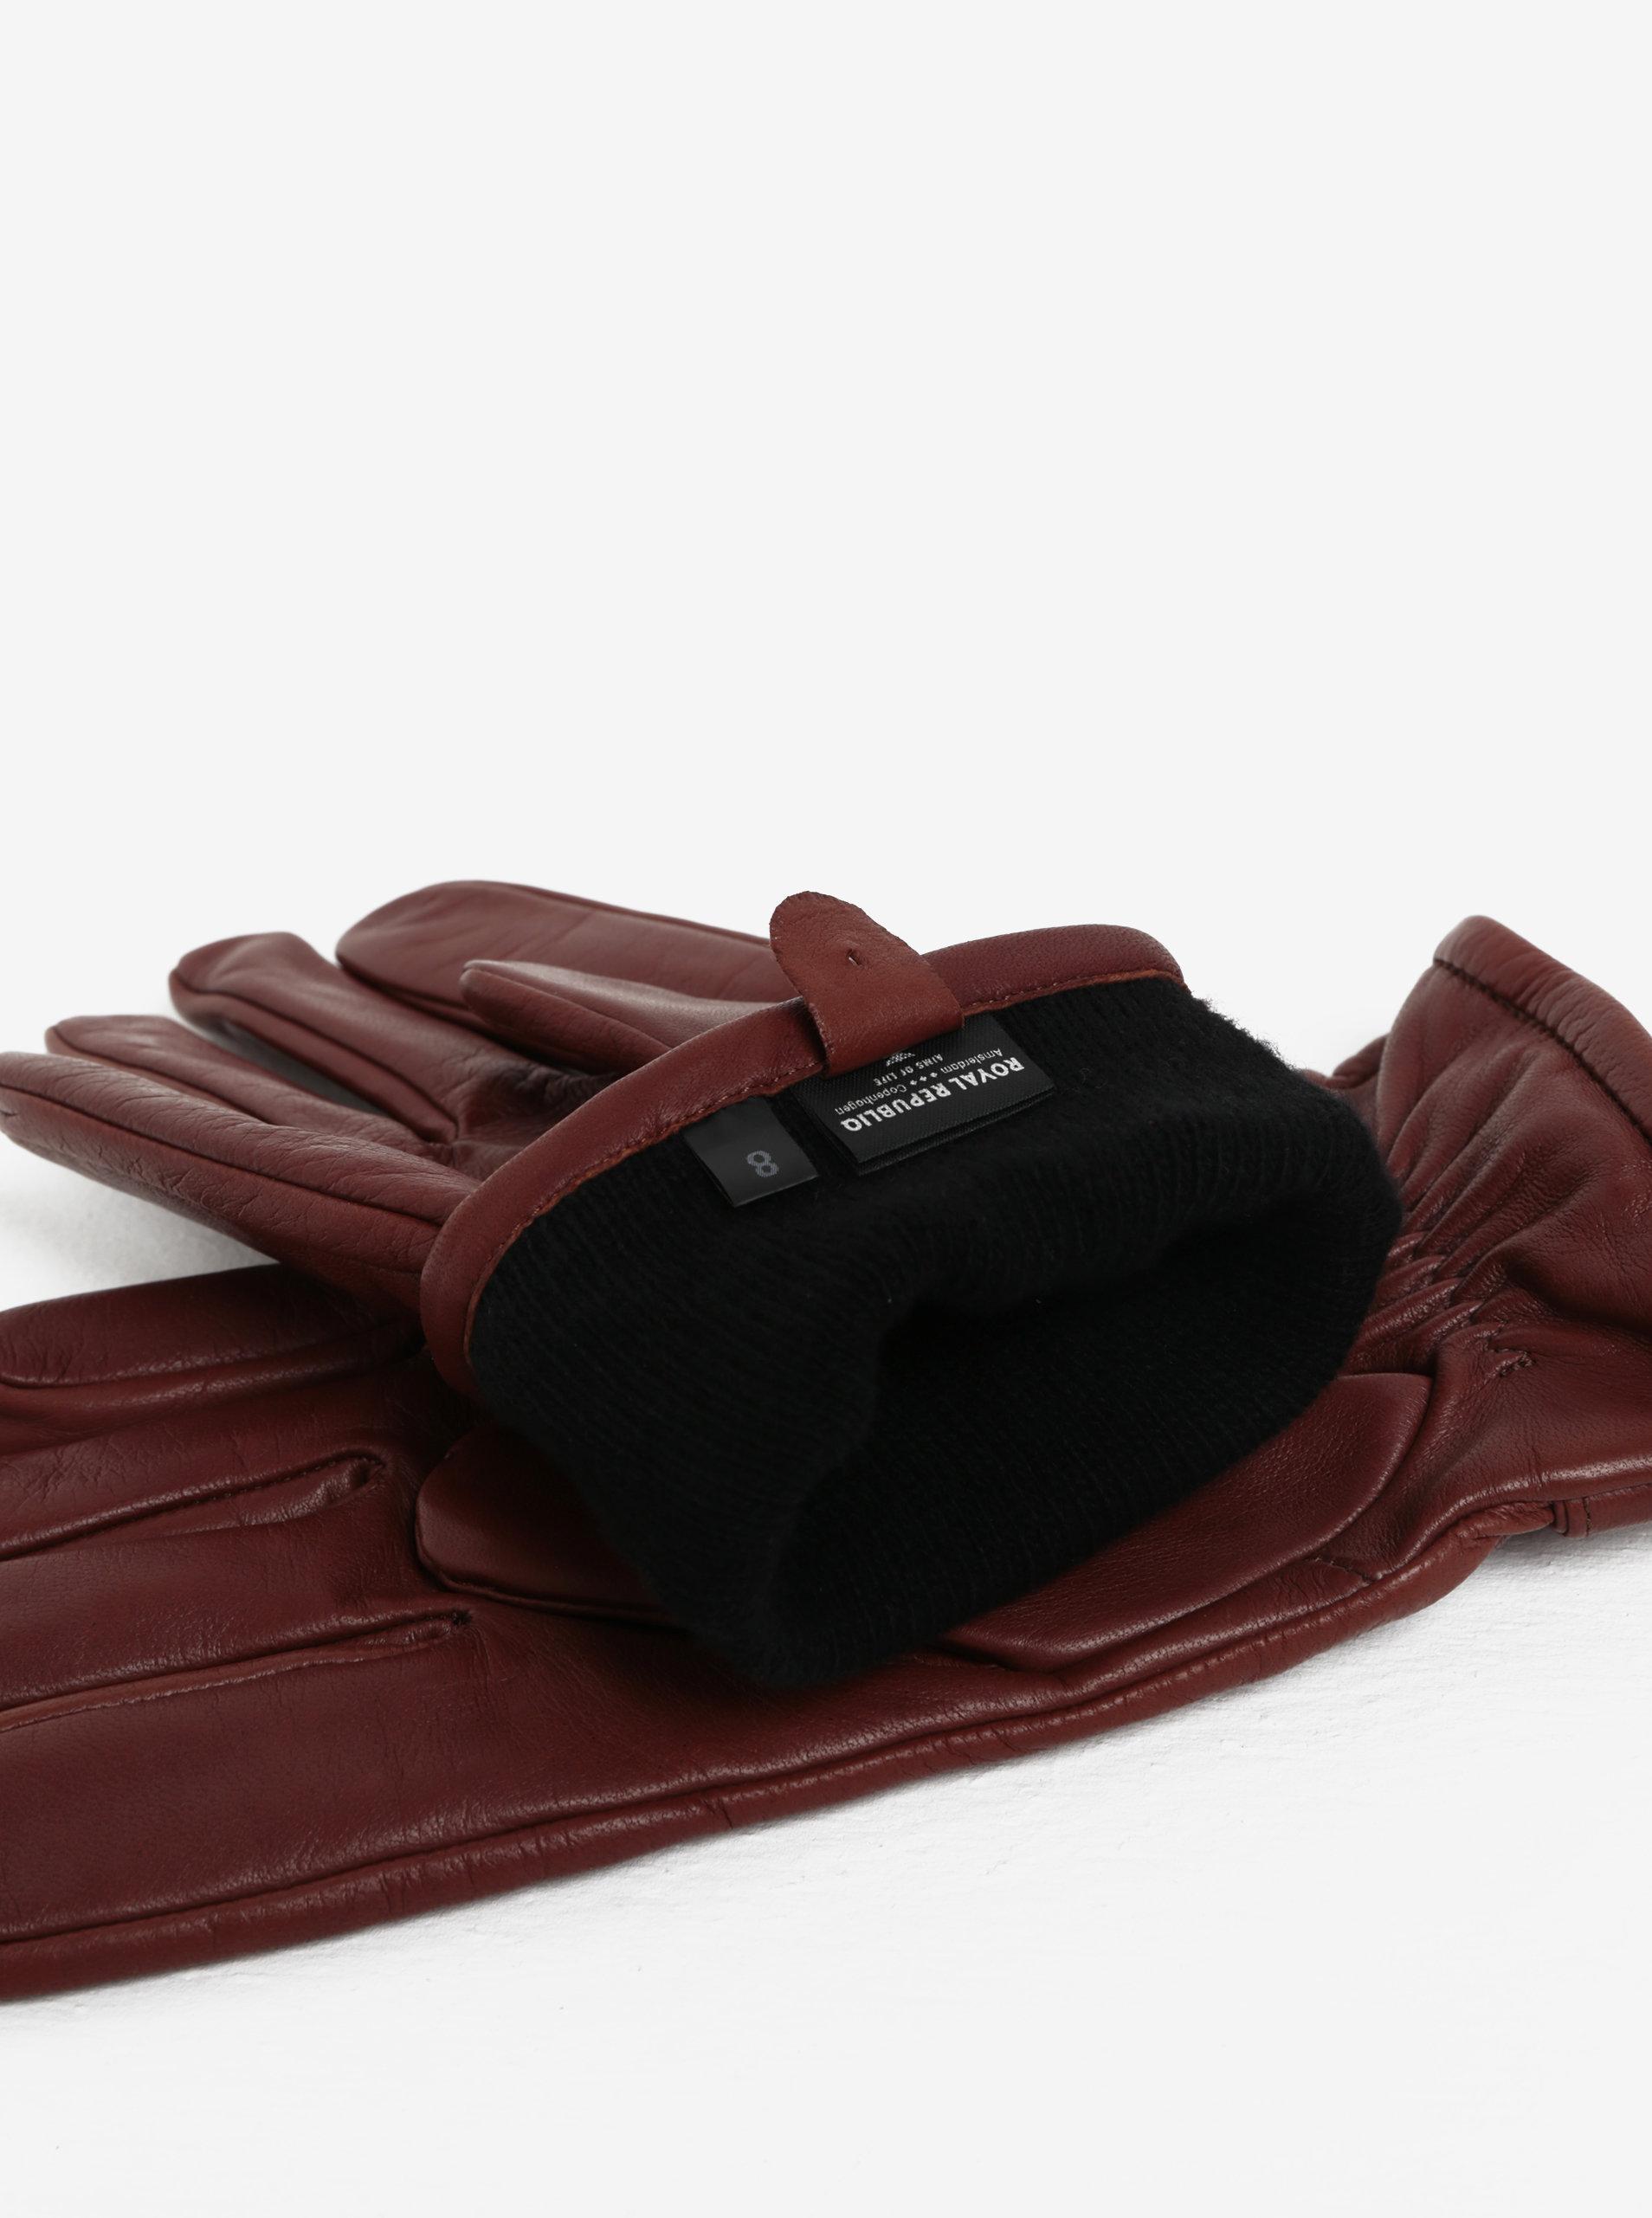 Hnědé pánské kožené rukavice s kašmírovou podšívkou Royal RepubliQ ... 79b41b13df